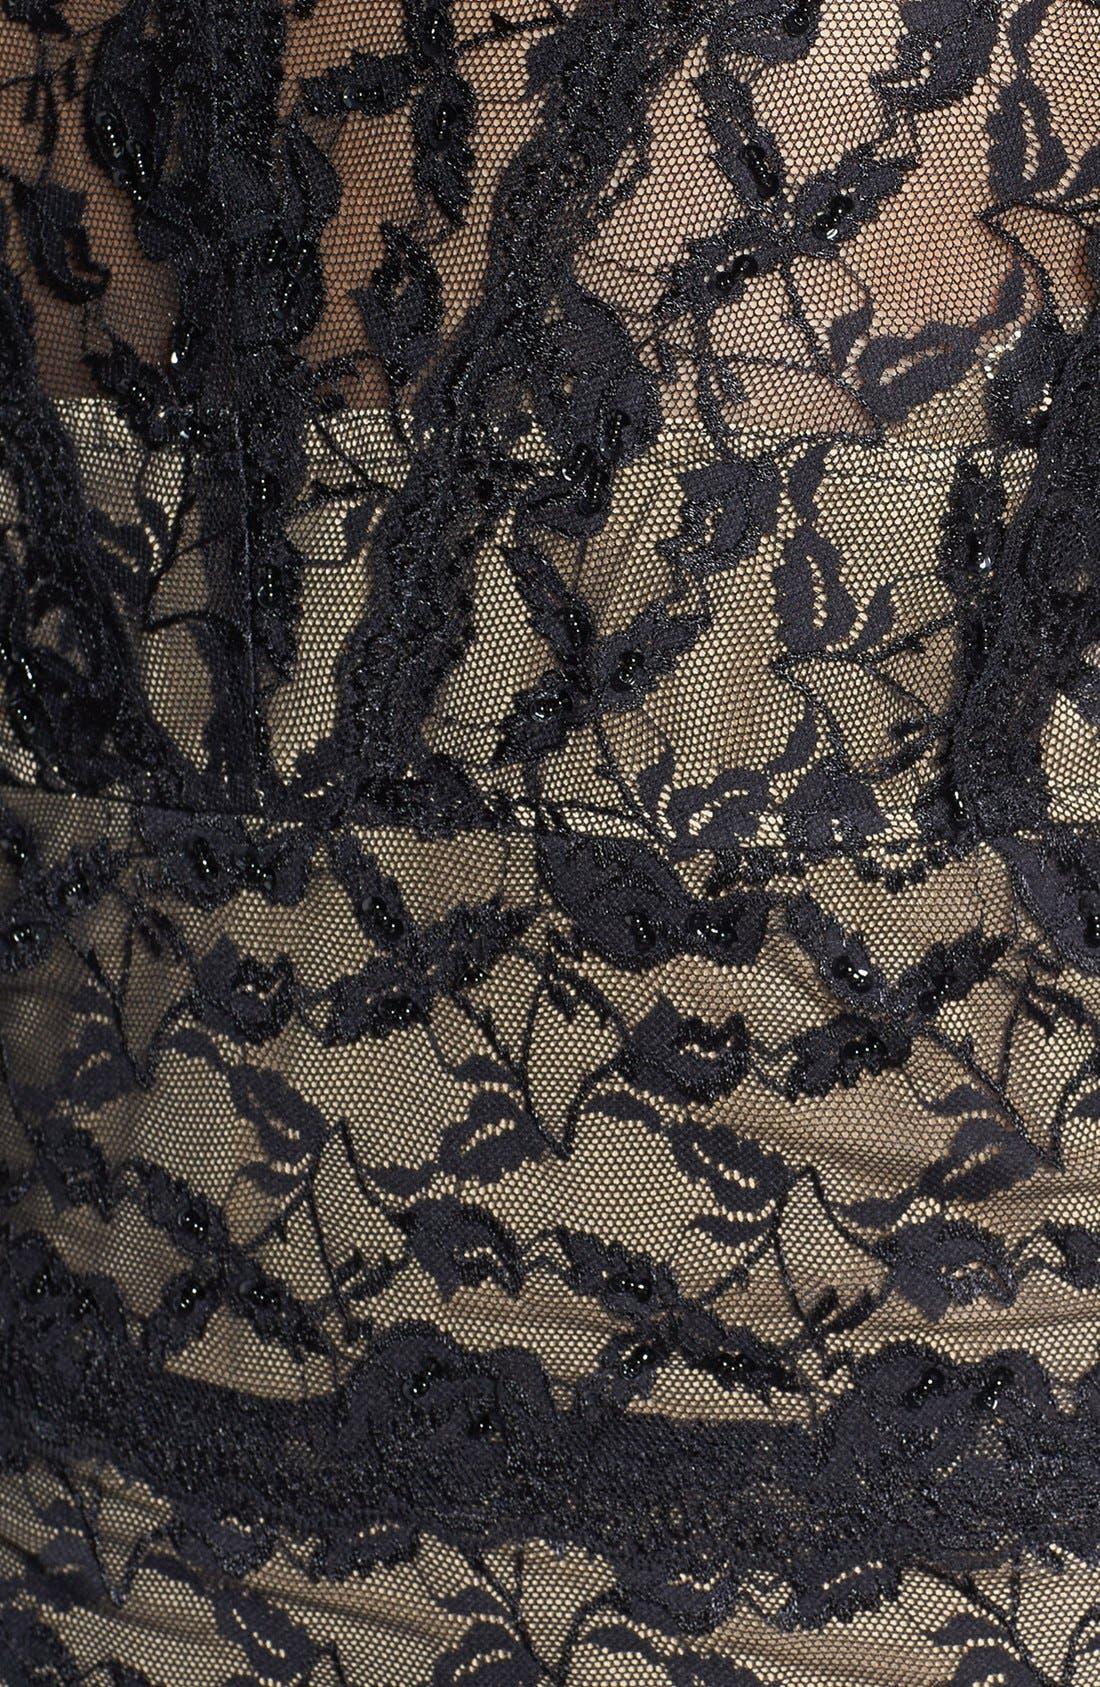 Alternate Image 3  - Marina Beaded Lace Dress (Plus Size)